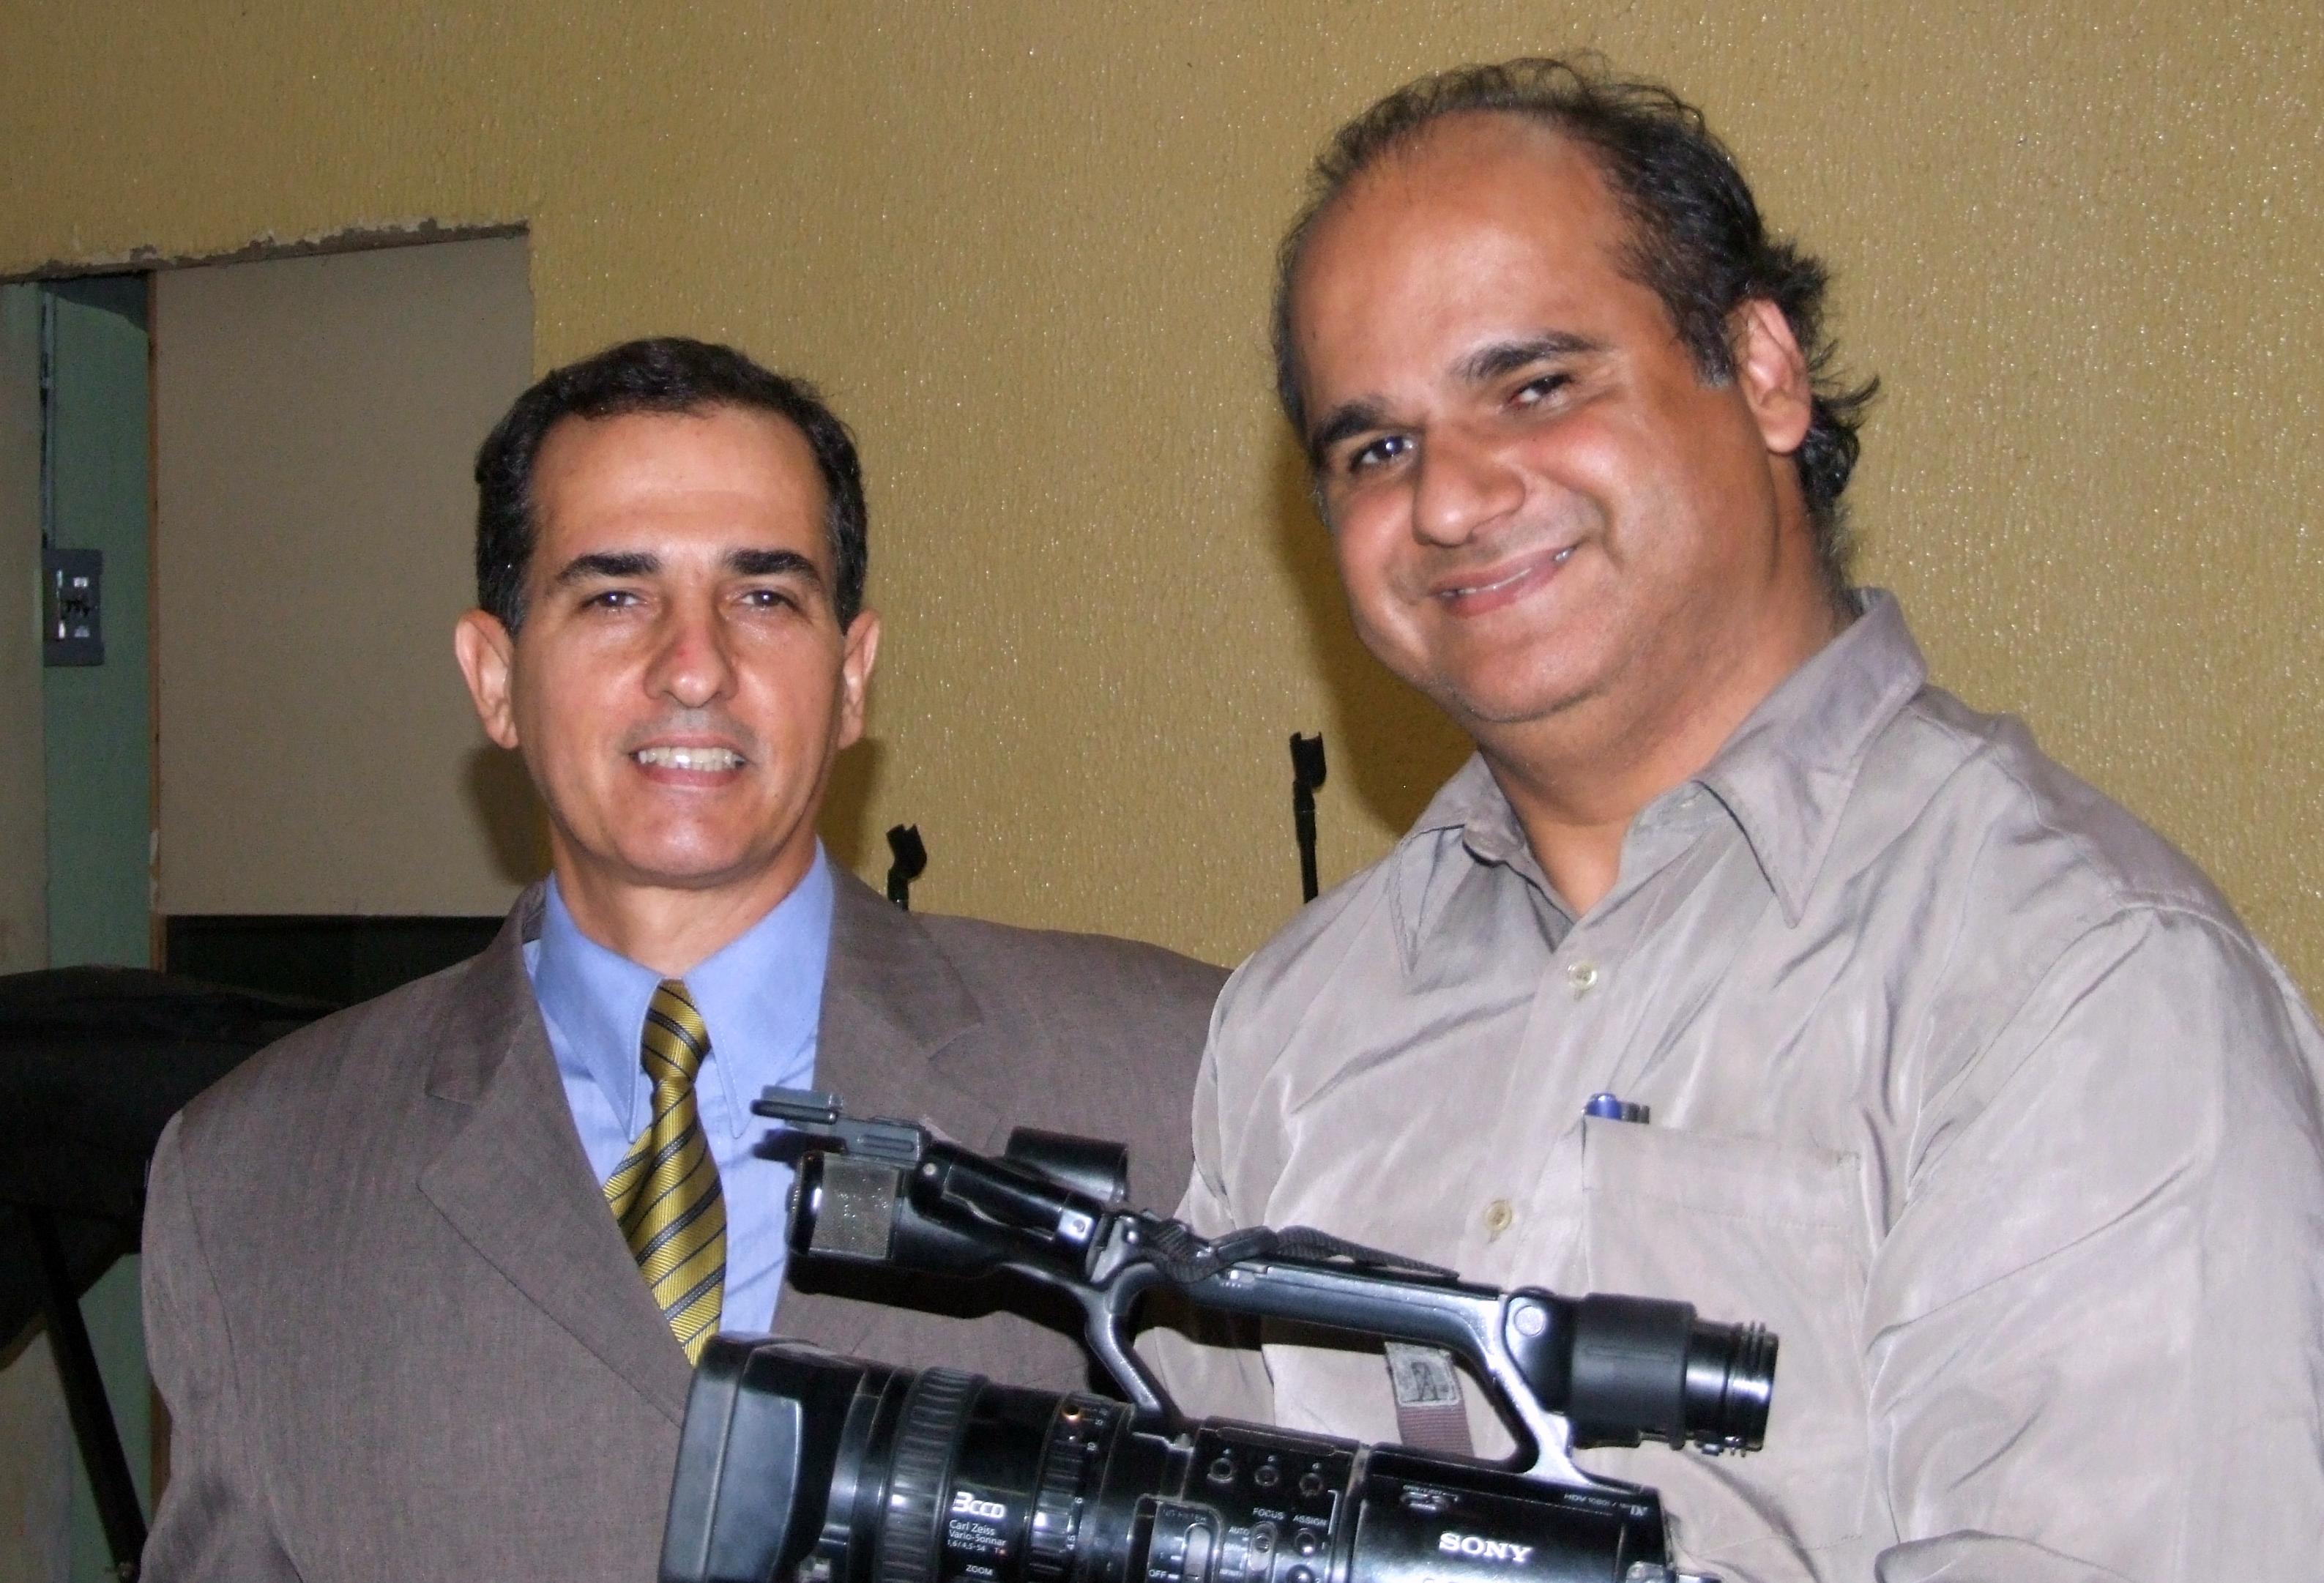 http://noticias.gospelmais.com.br/files/2012/12/fim-do-mundo.jpg